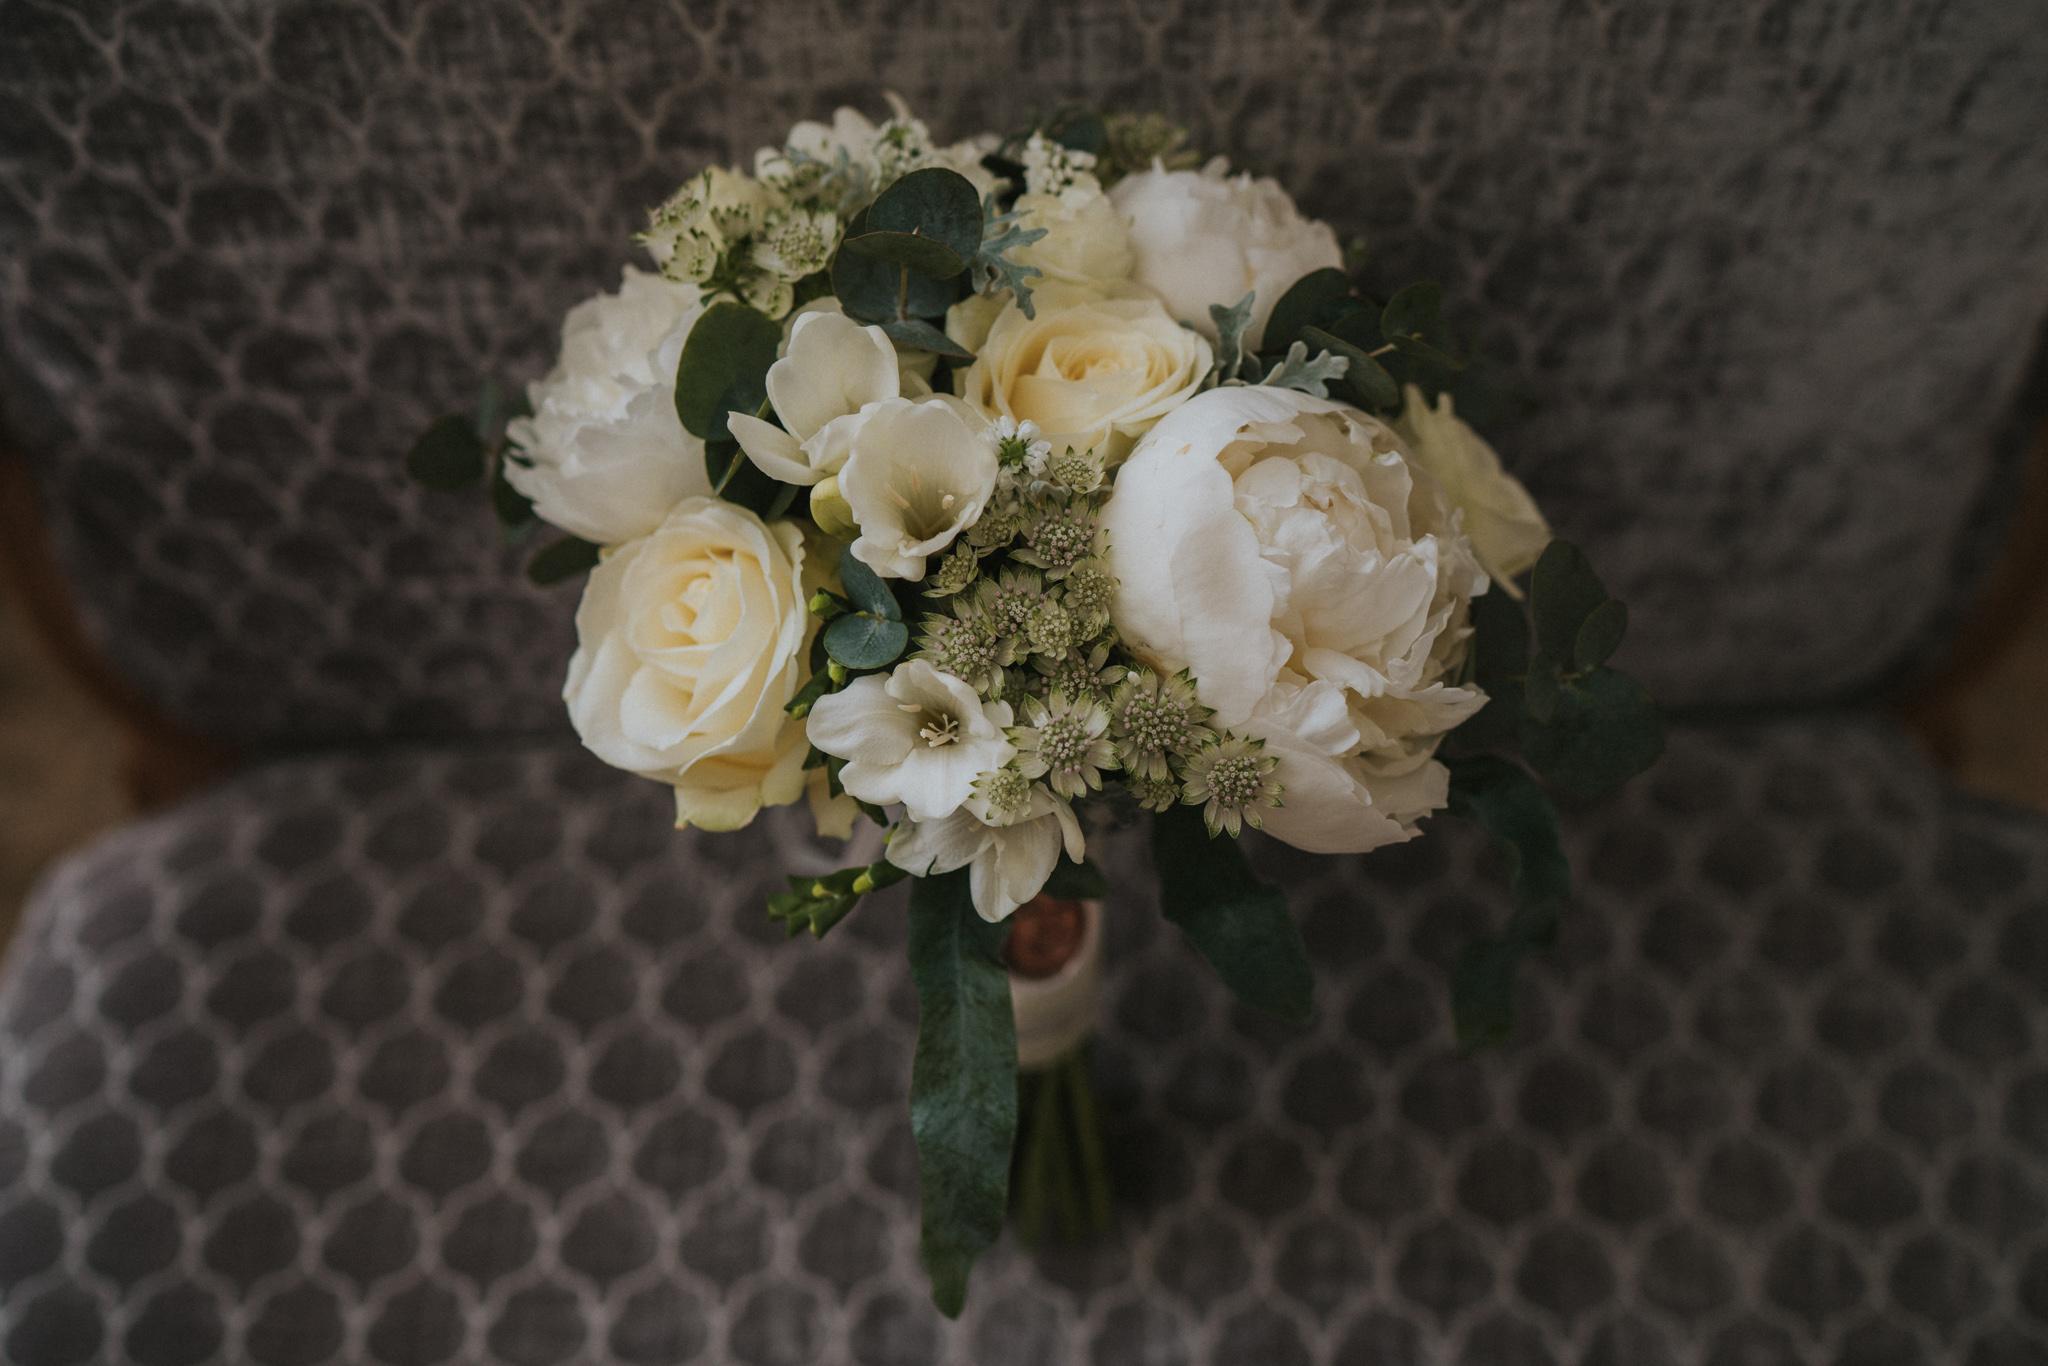 tess-adam-colchester-intimate-elopement-grace-elizabeth-colchester-essex-alternative-wedding-lifestyle-photographer-essex-suffolk-norfolk-devon (1 of 20).jpg